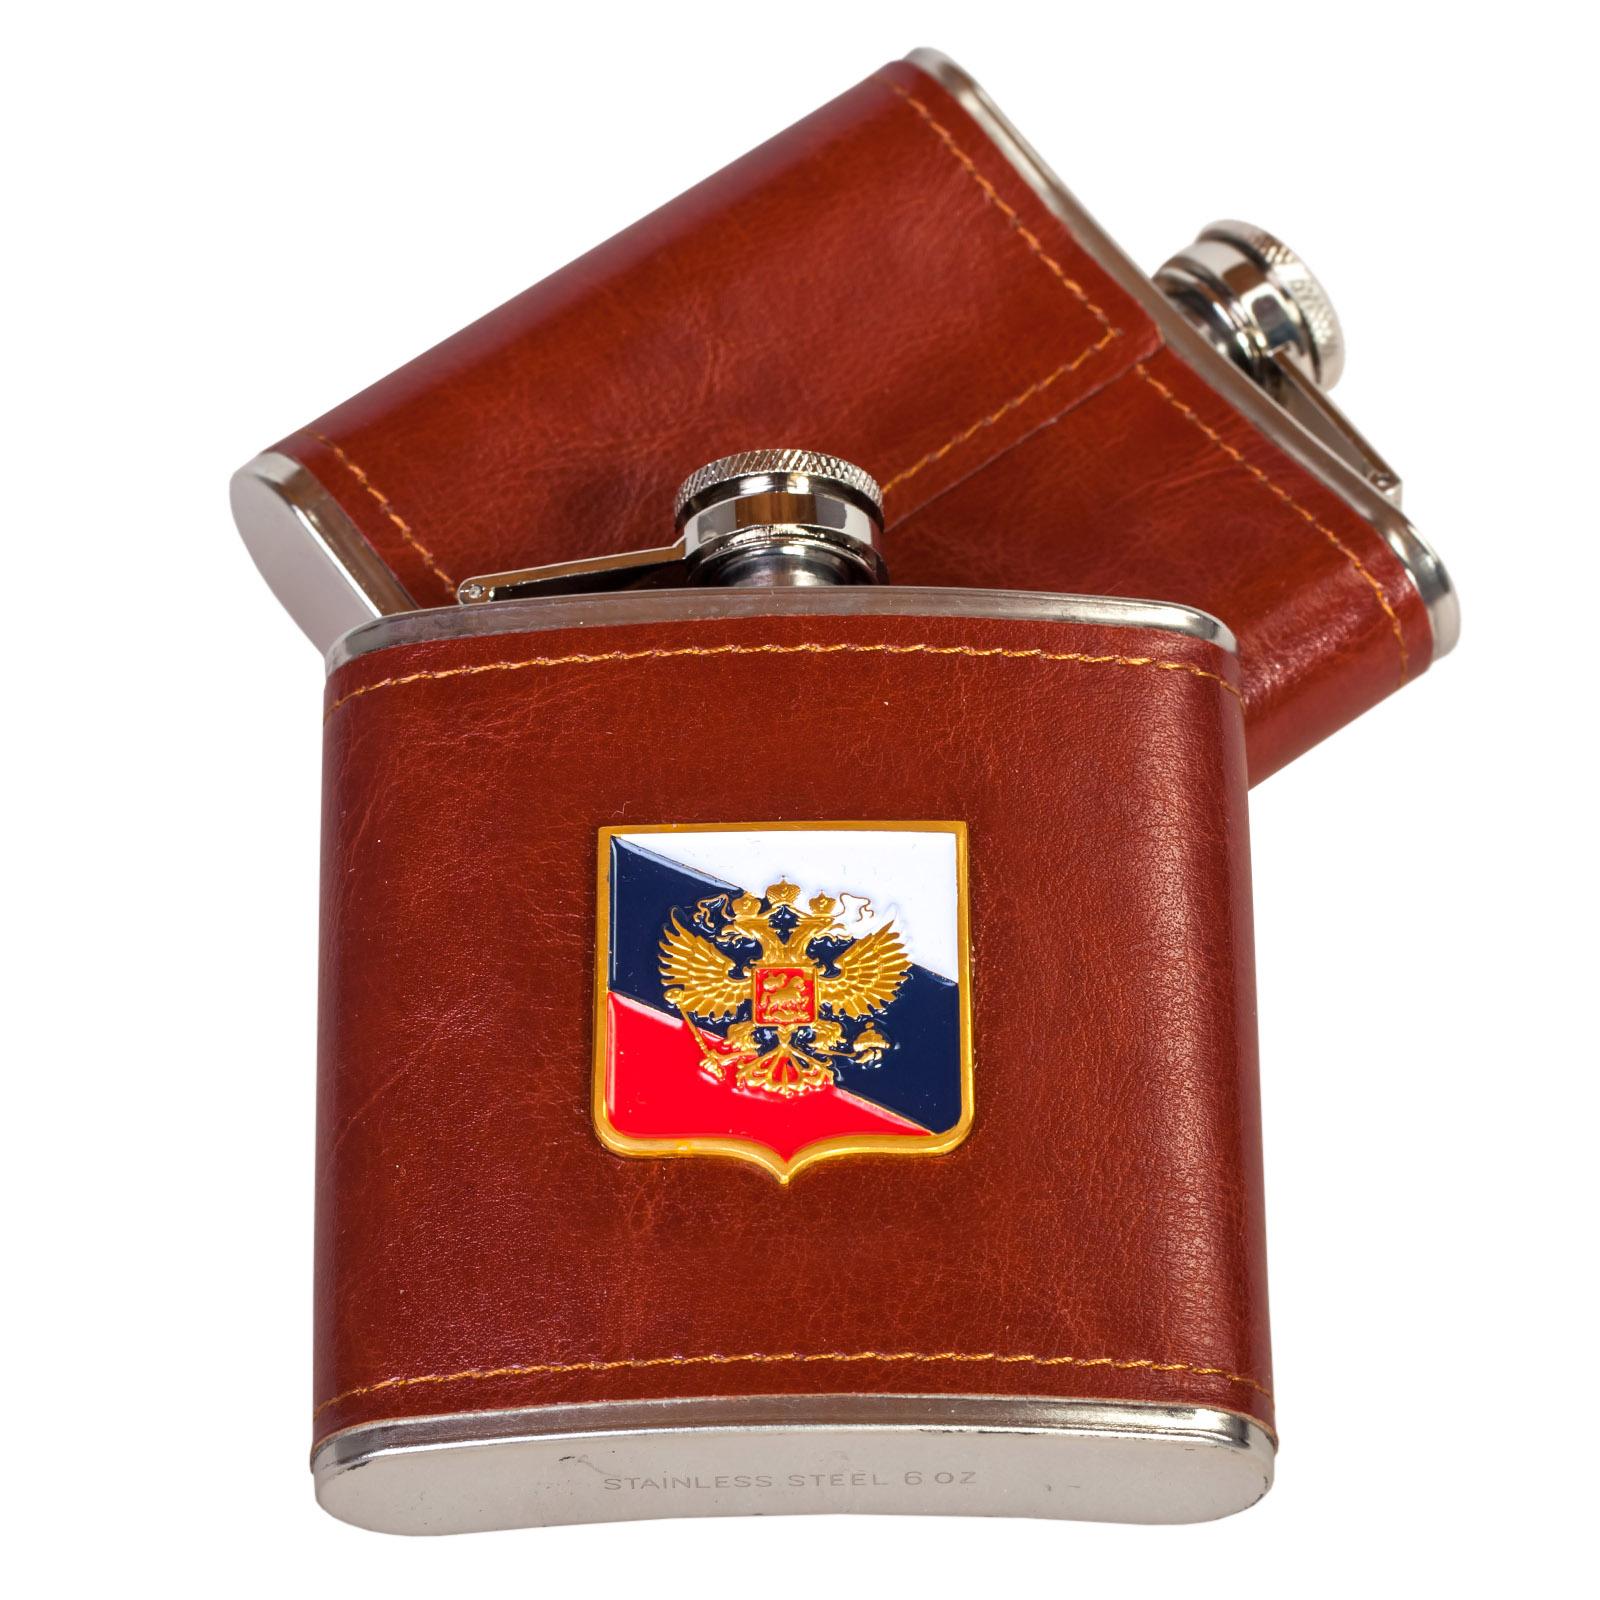 Фляжка-подарок с гербом Российской Федерации.